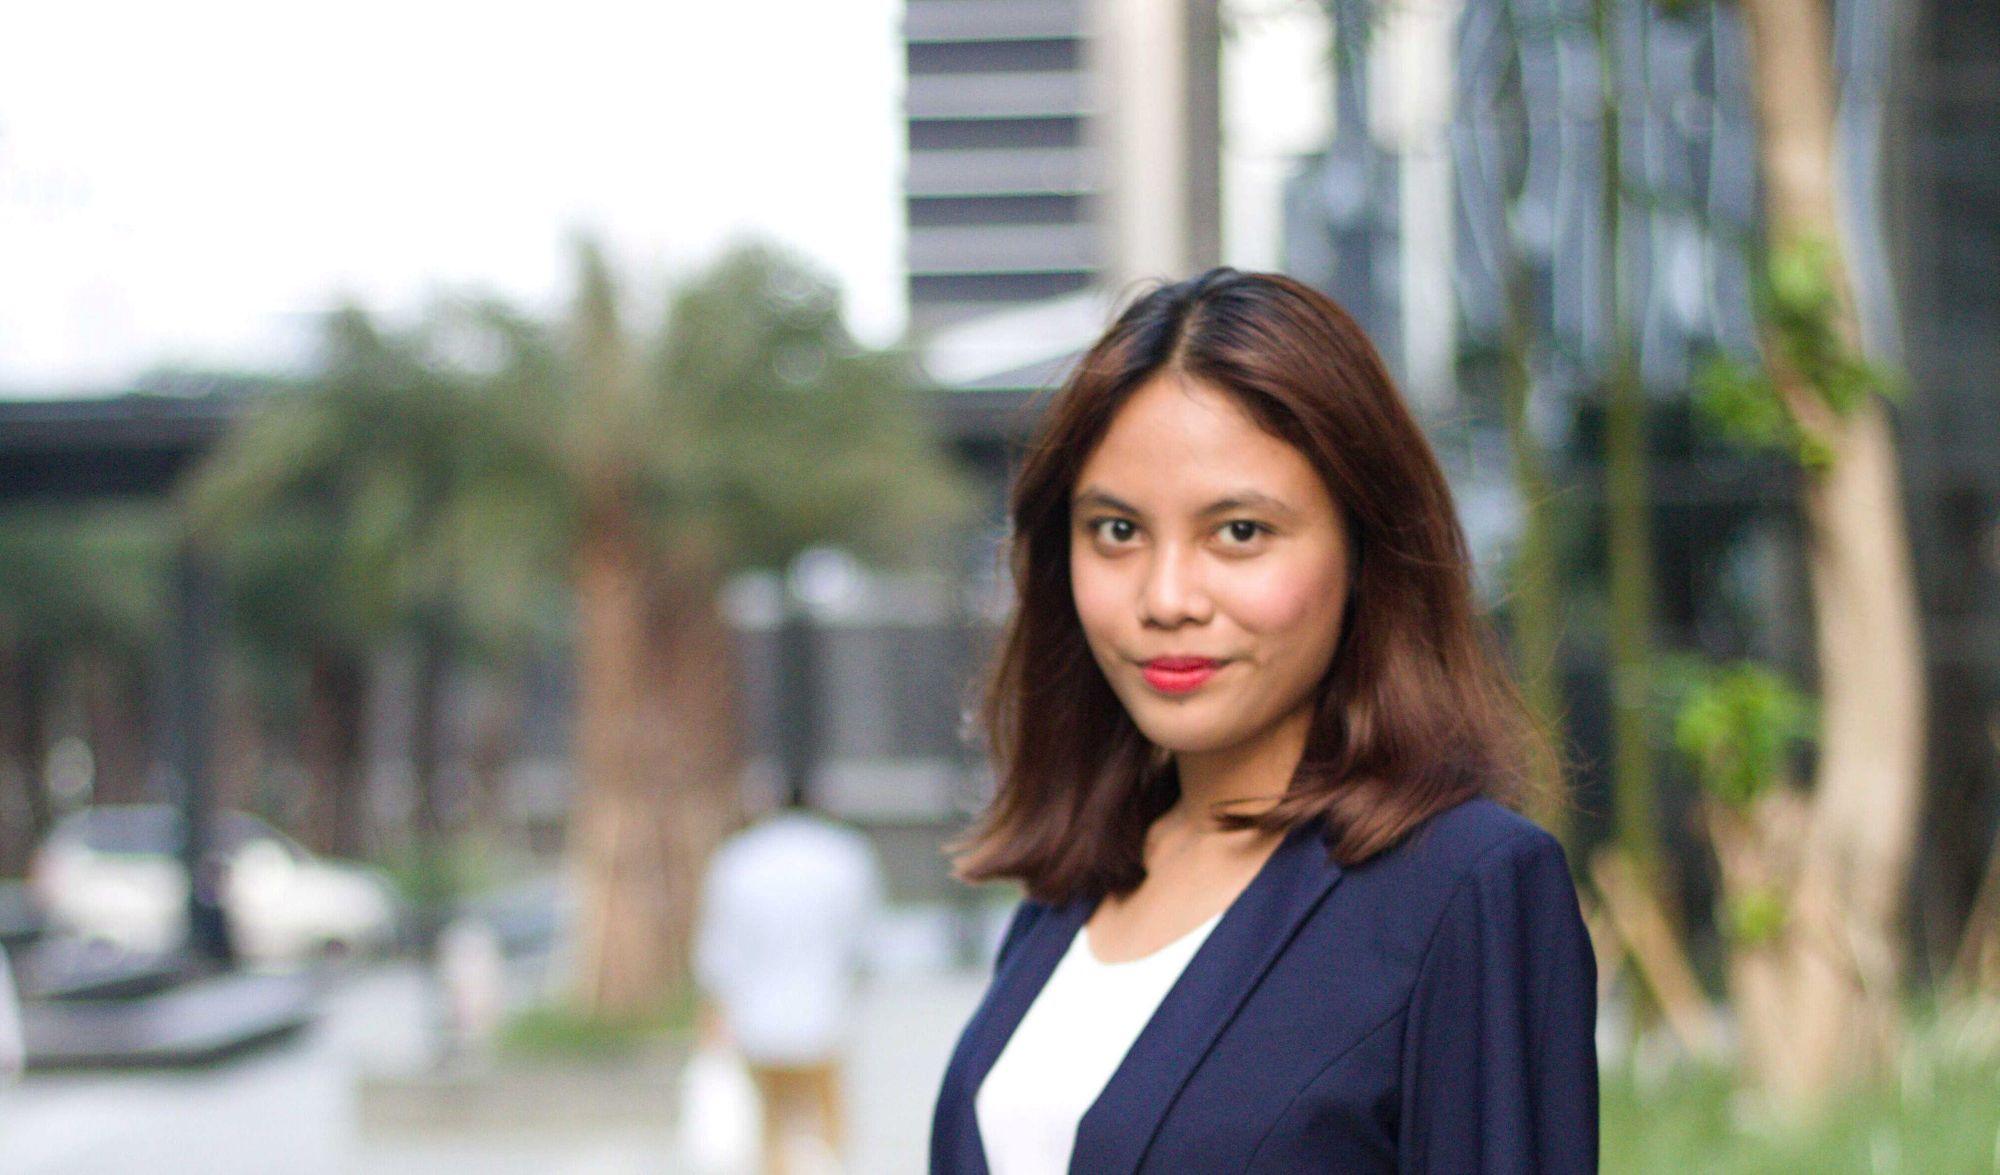 Perjalanan Karier Konsultan HR ke Salah Satu Agensi Digital Marketing Terbaik di Dunia